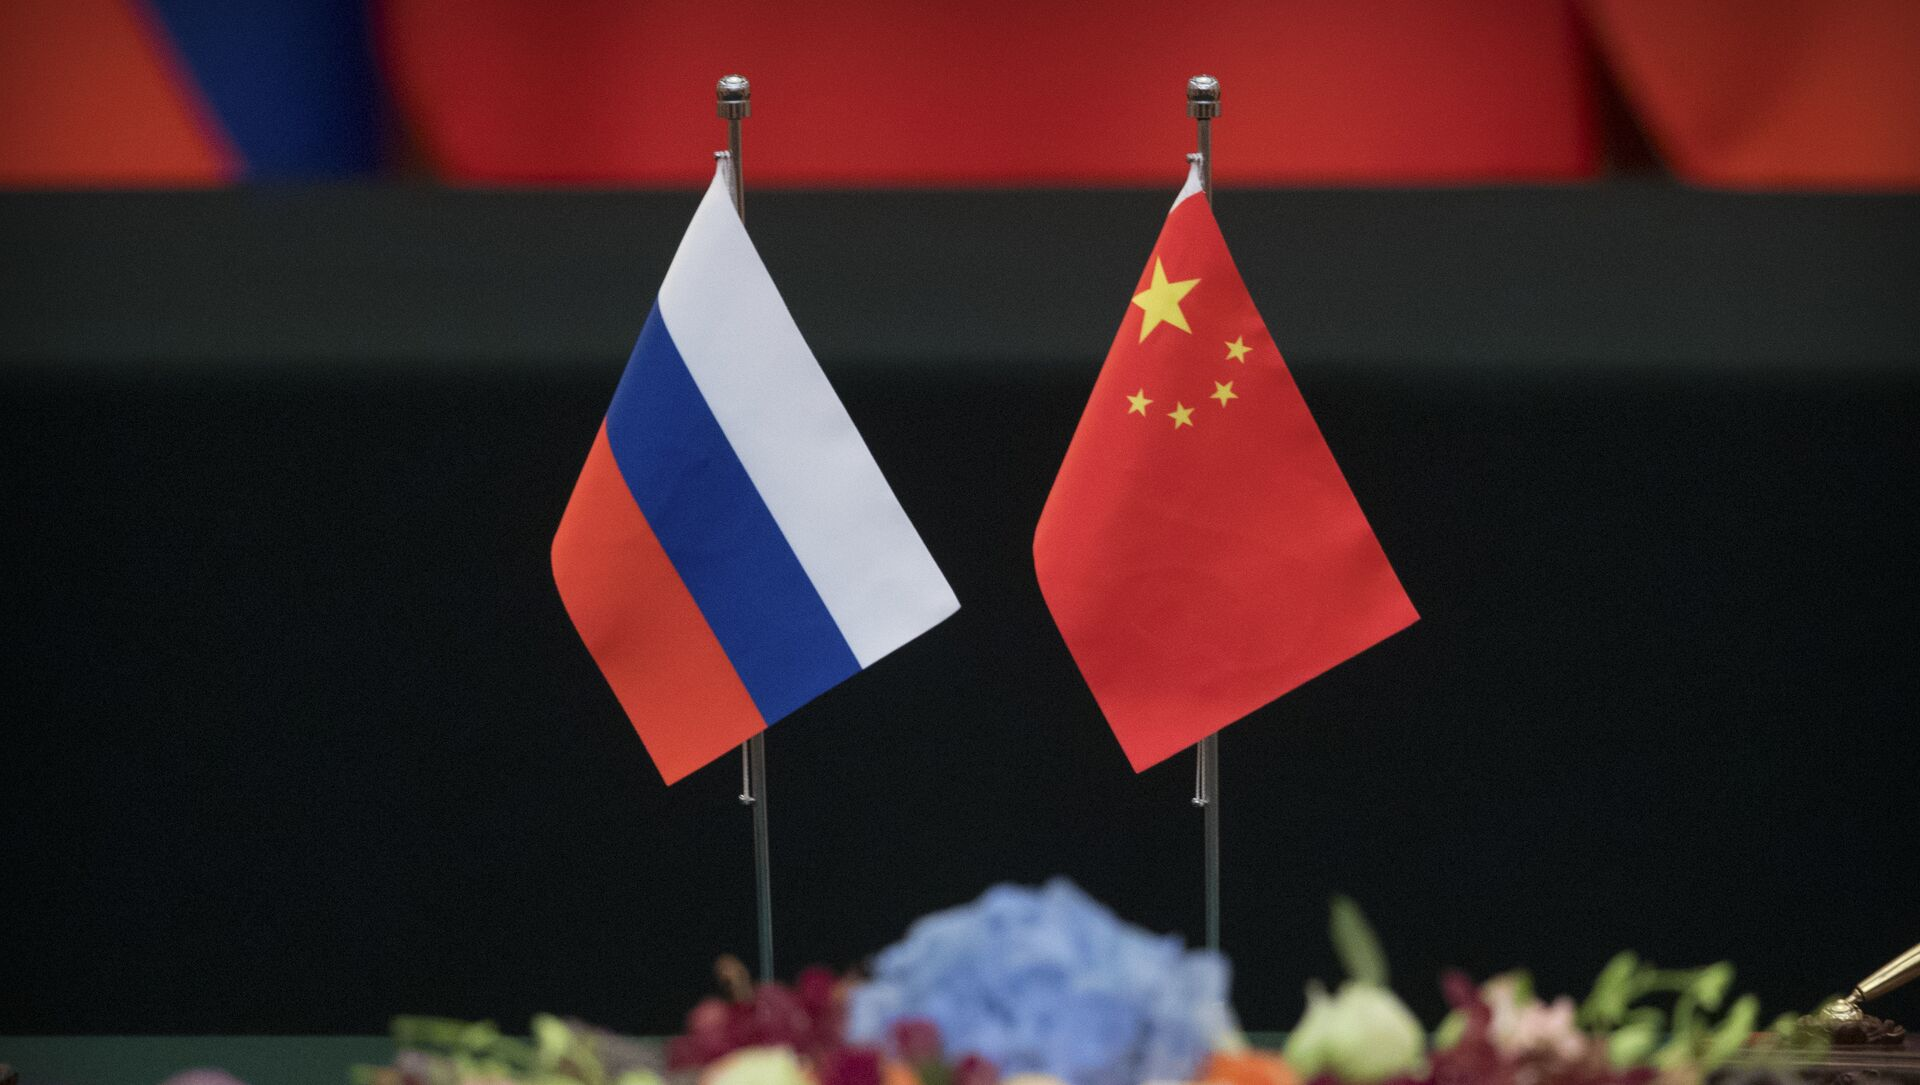 Las banderas de Rusia y China - Sputnik Mundo, 1920, 05.02.2021